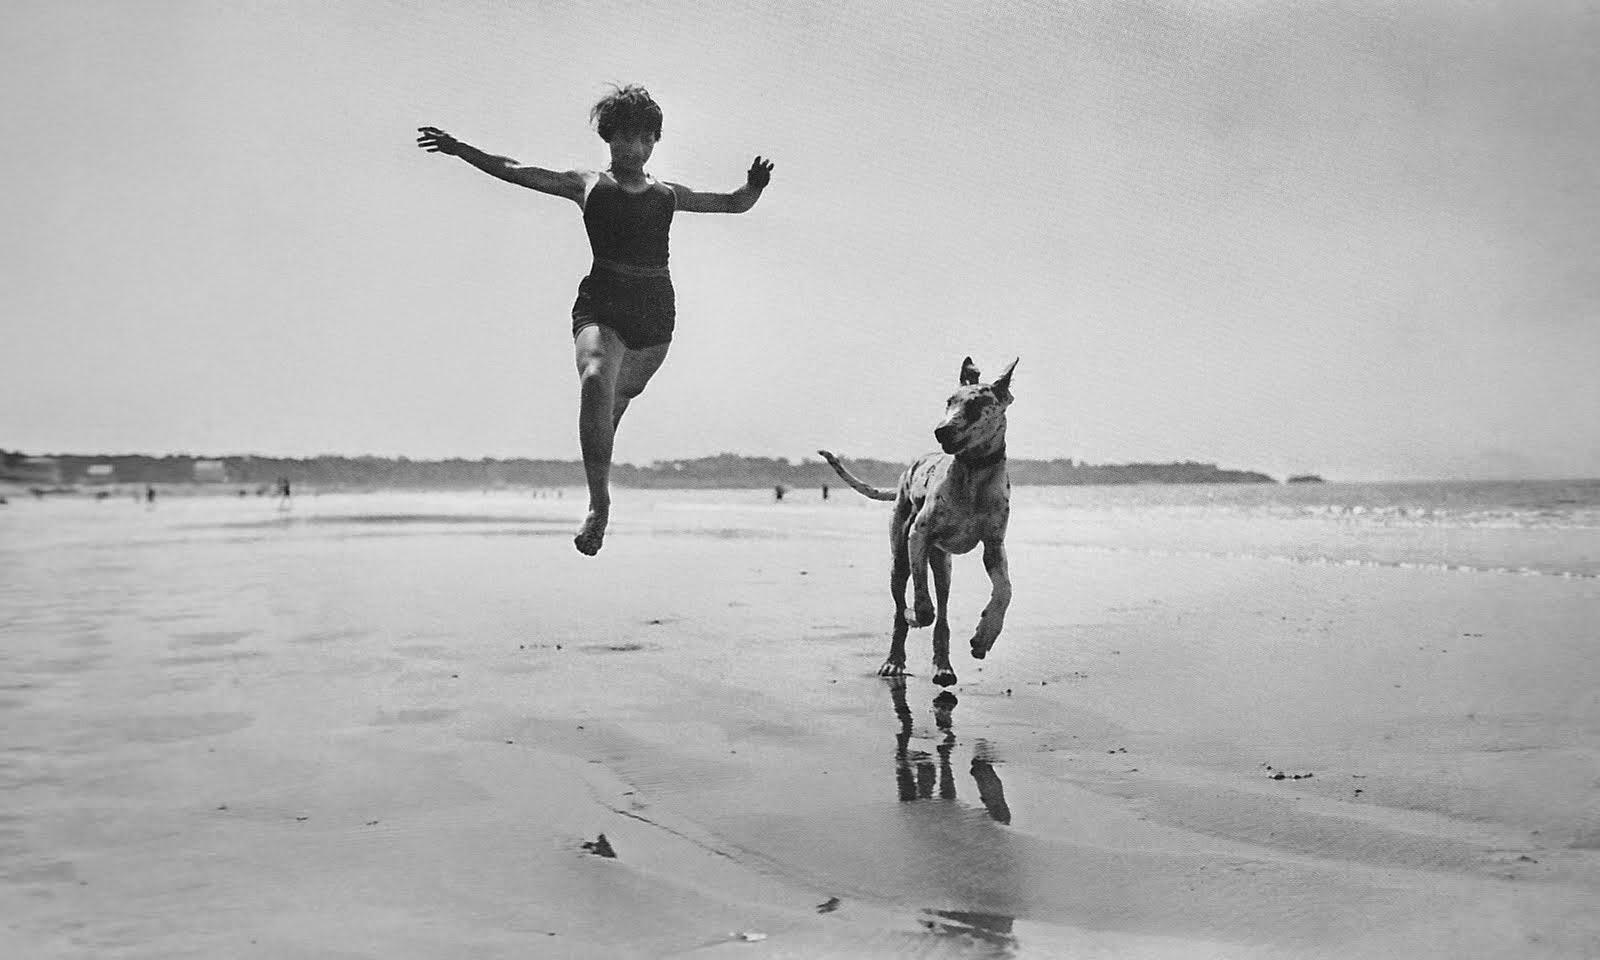 fotografia de Jacques Henri Lartigue